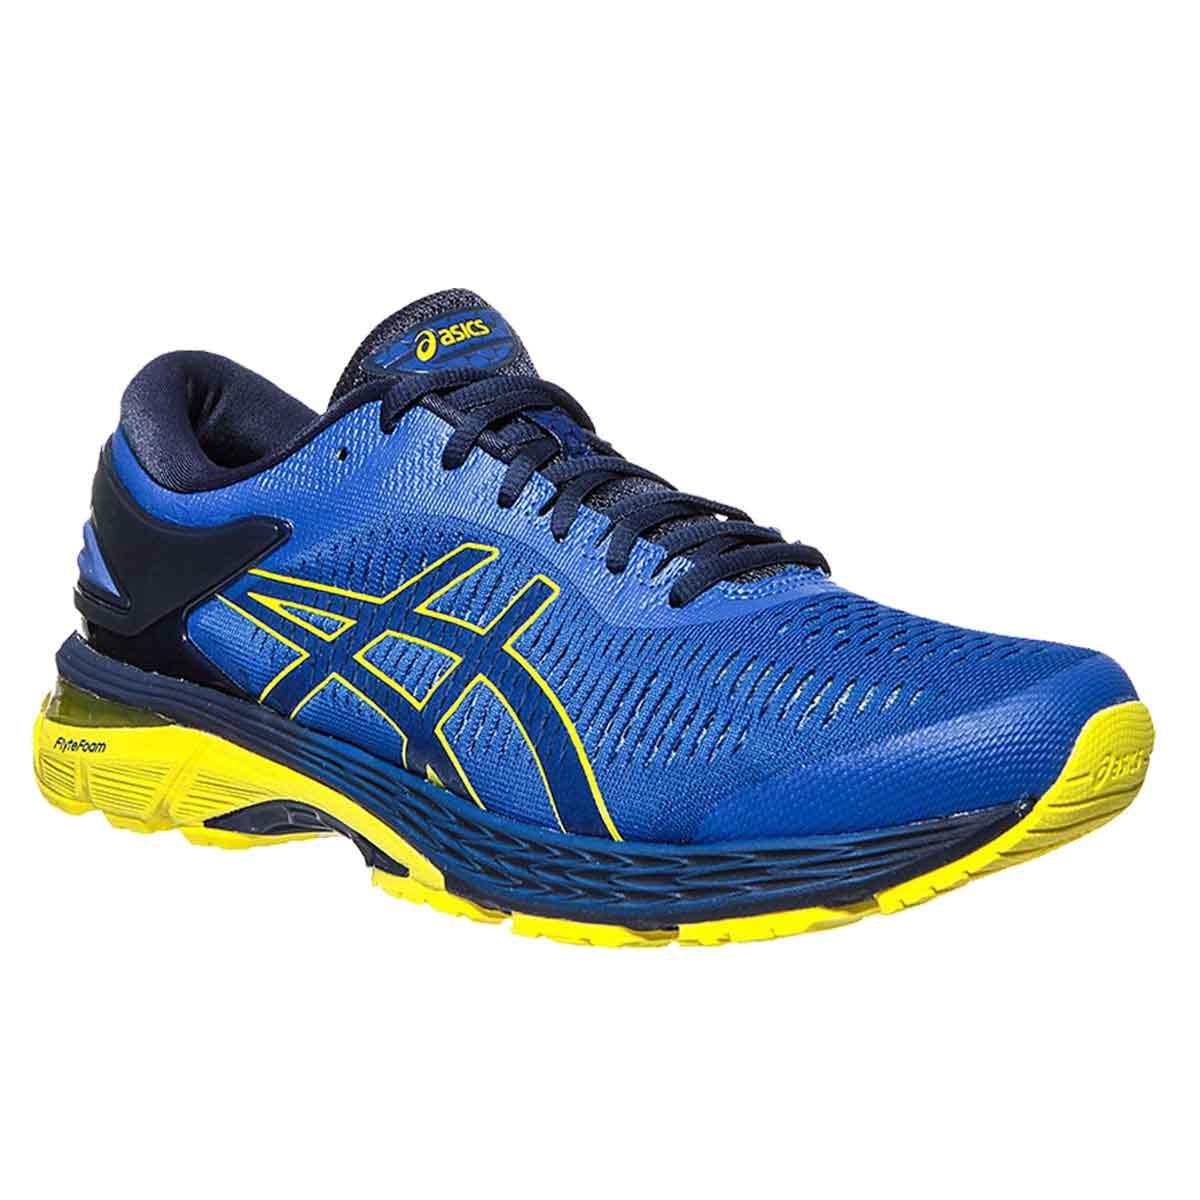 Buy Asics Gel Kayano 25 Running Shoes